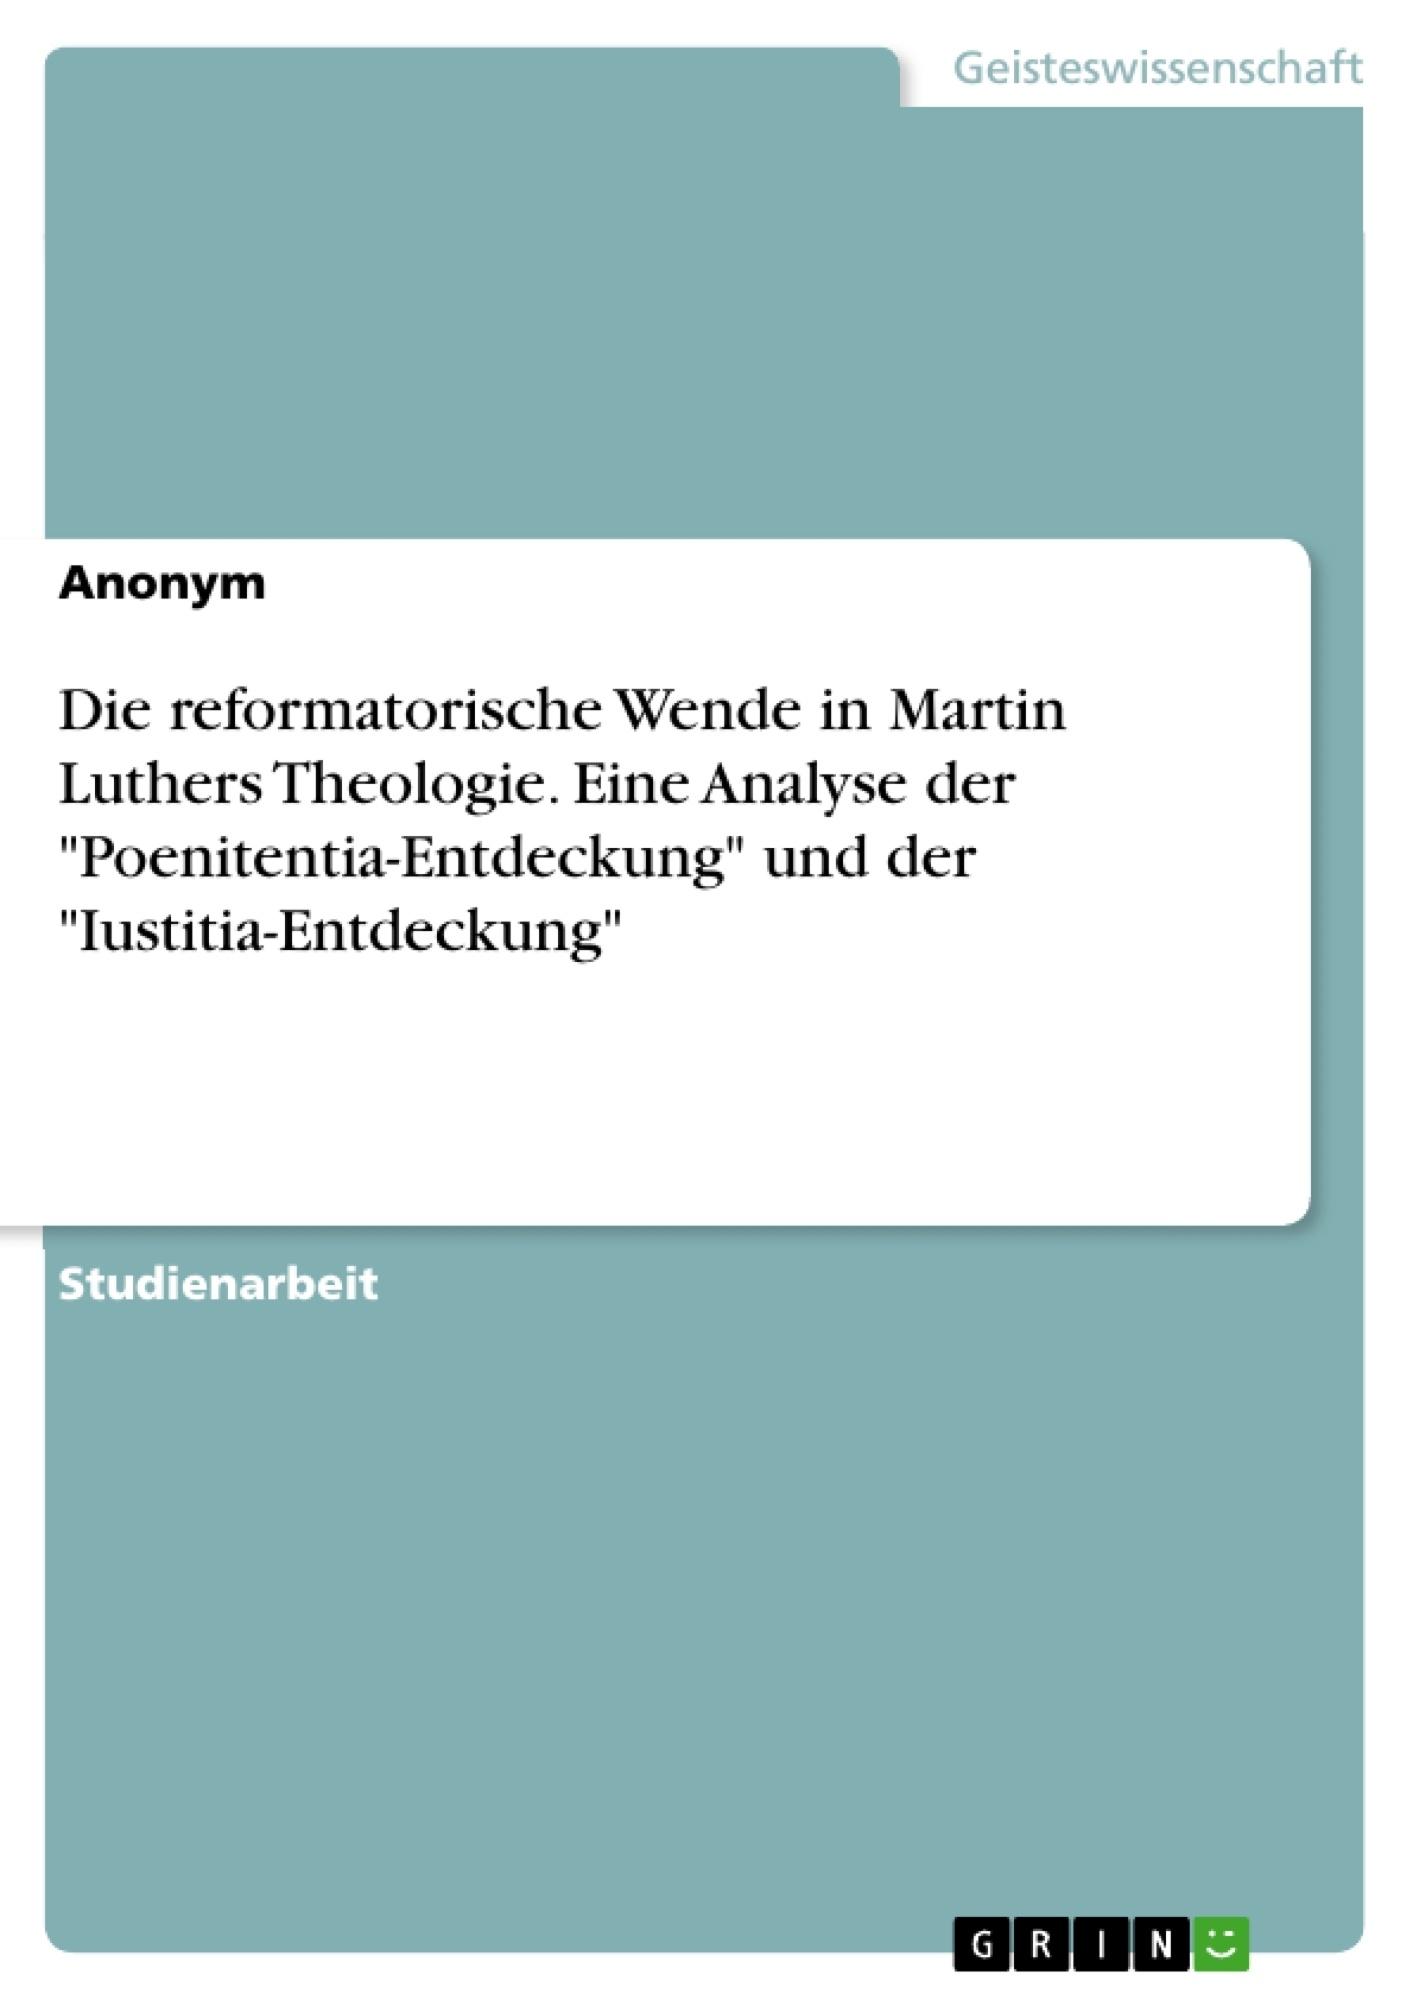 """Titel: Die reformatorische Wende in Martin Luthers Theologie. Eine Analyse der """"Poenitentia-Entdeckung"""" und der """"Iustitia-Entdeckung"""""""